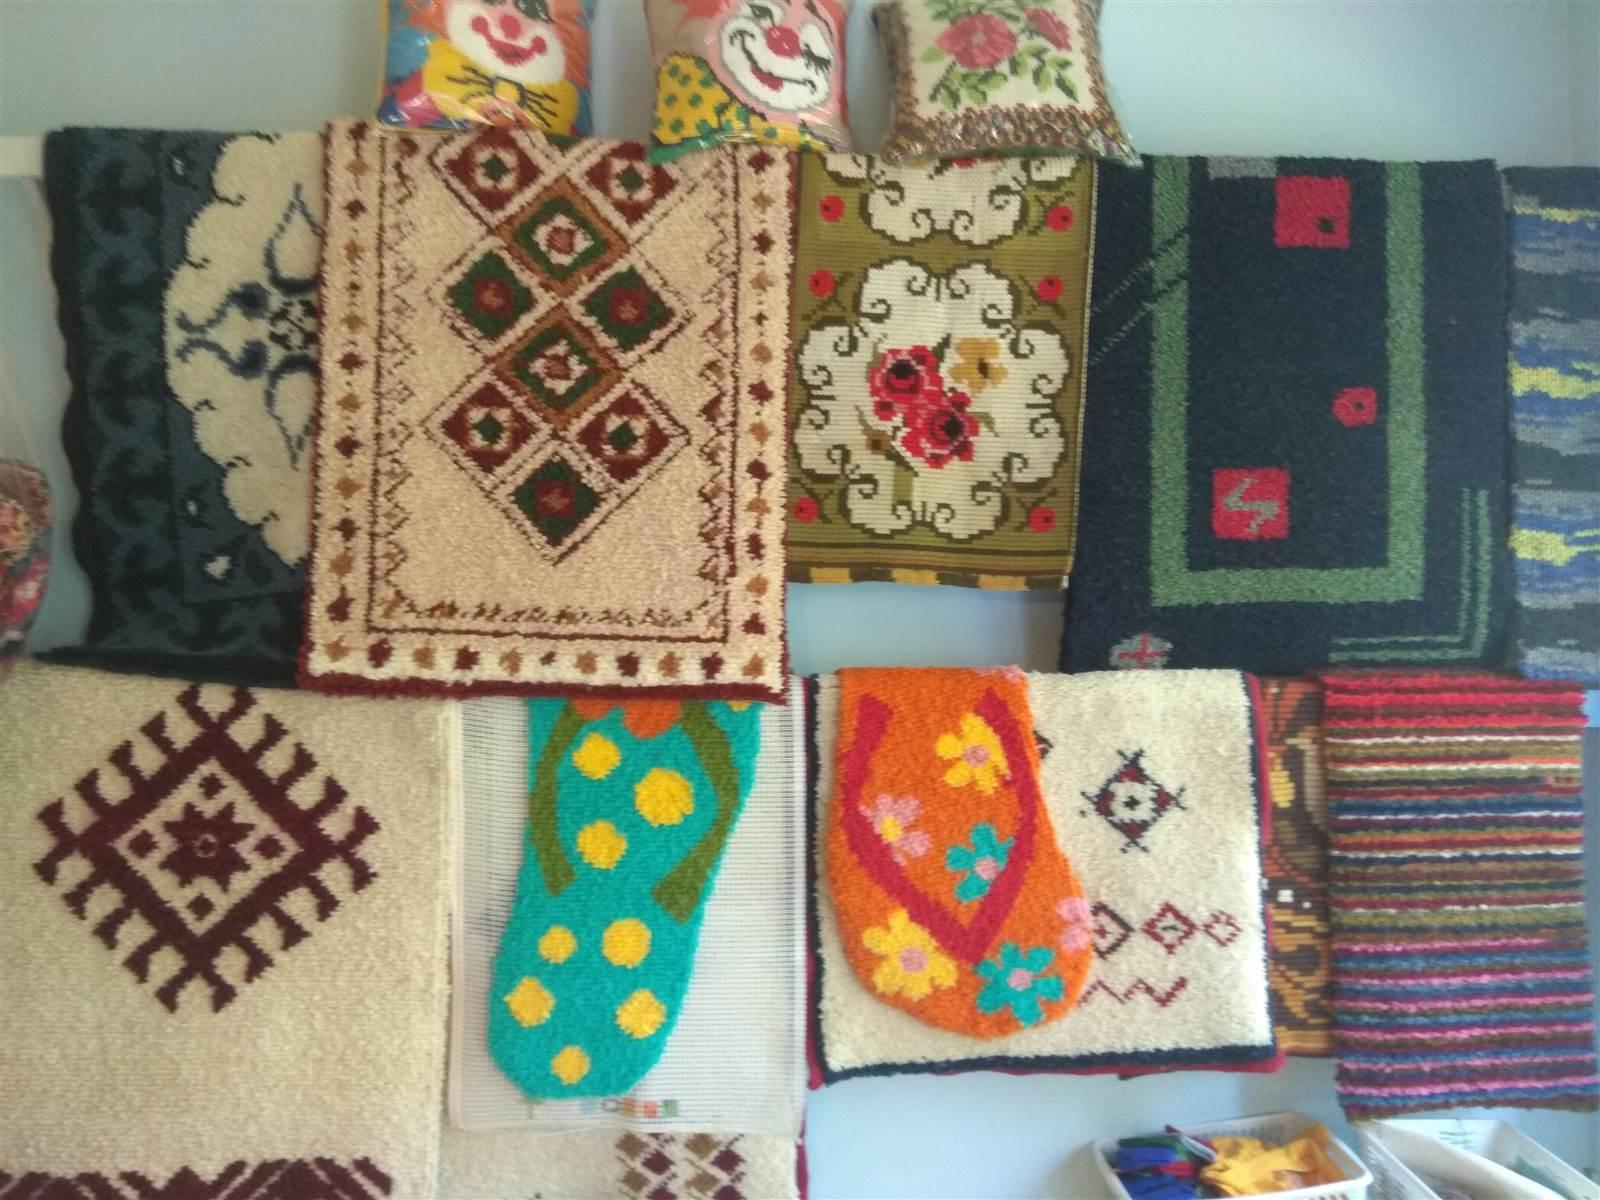 Dywany wykonane przez podopiecznych